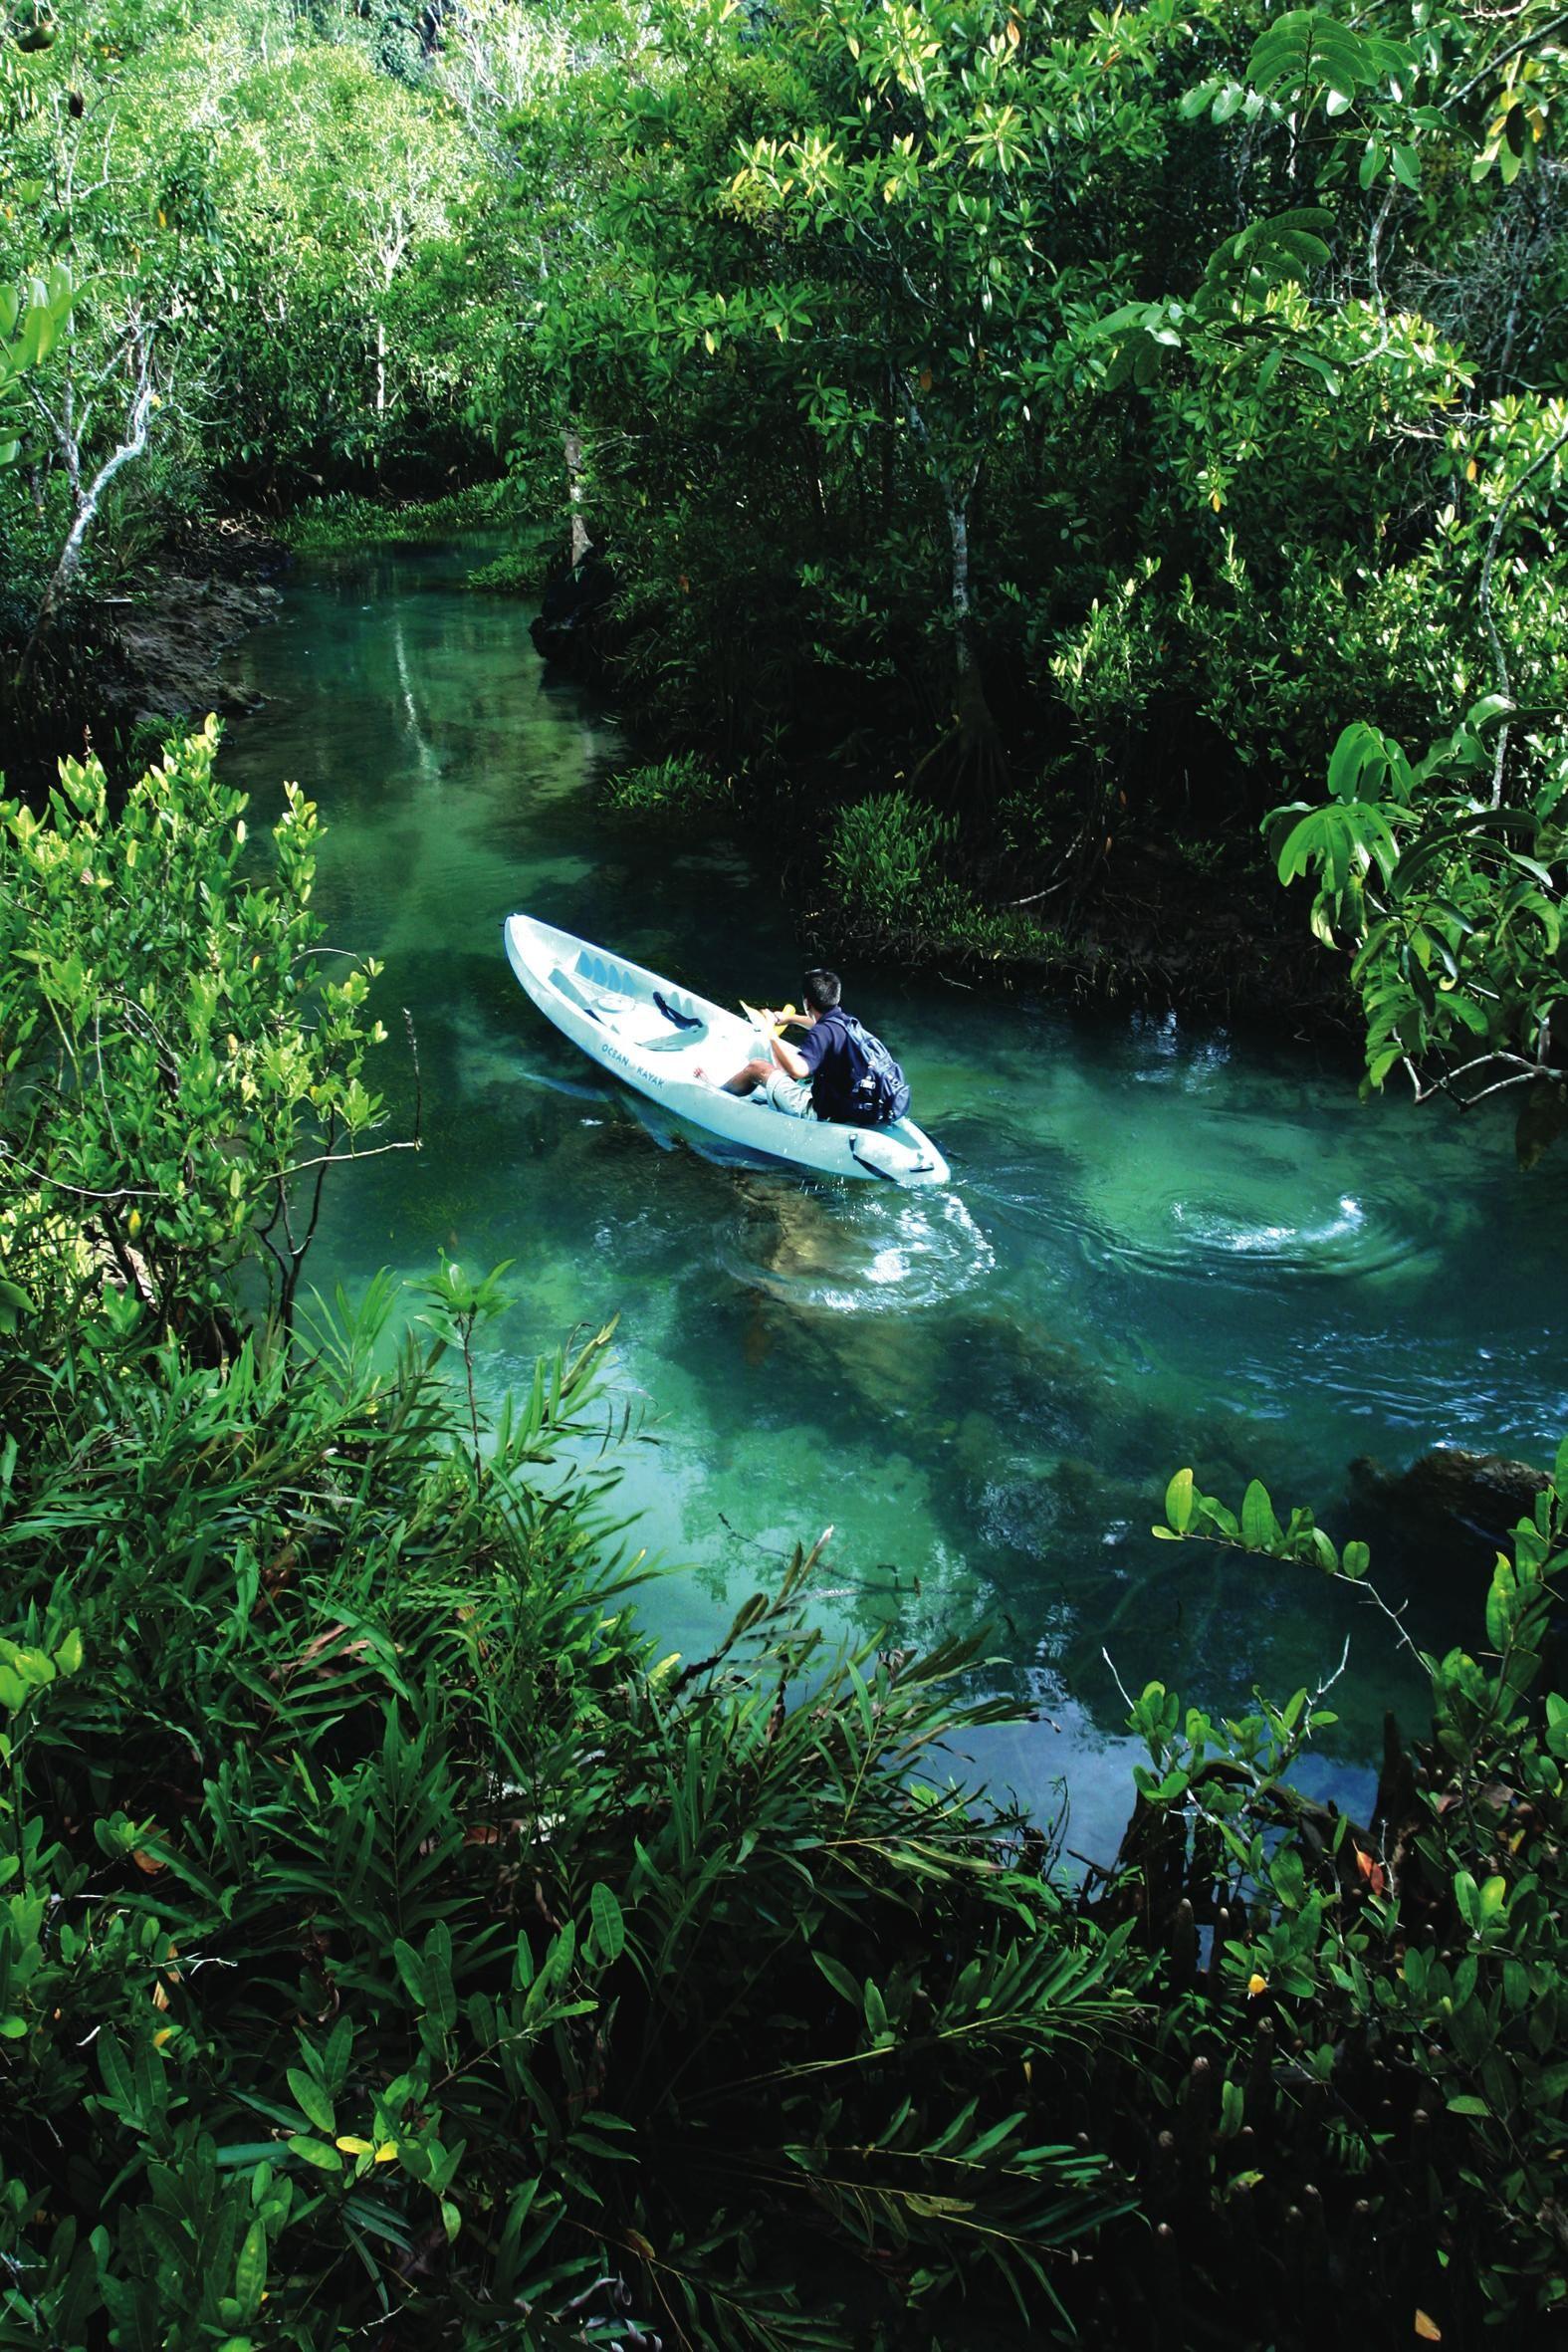 Mangrove near Krua Phranang beach, Krabi, Thailand ωнιмѕу